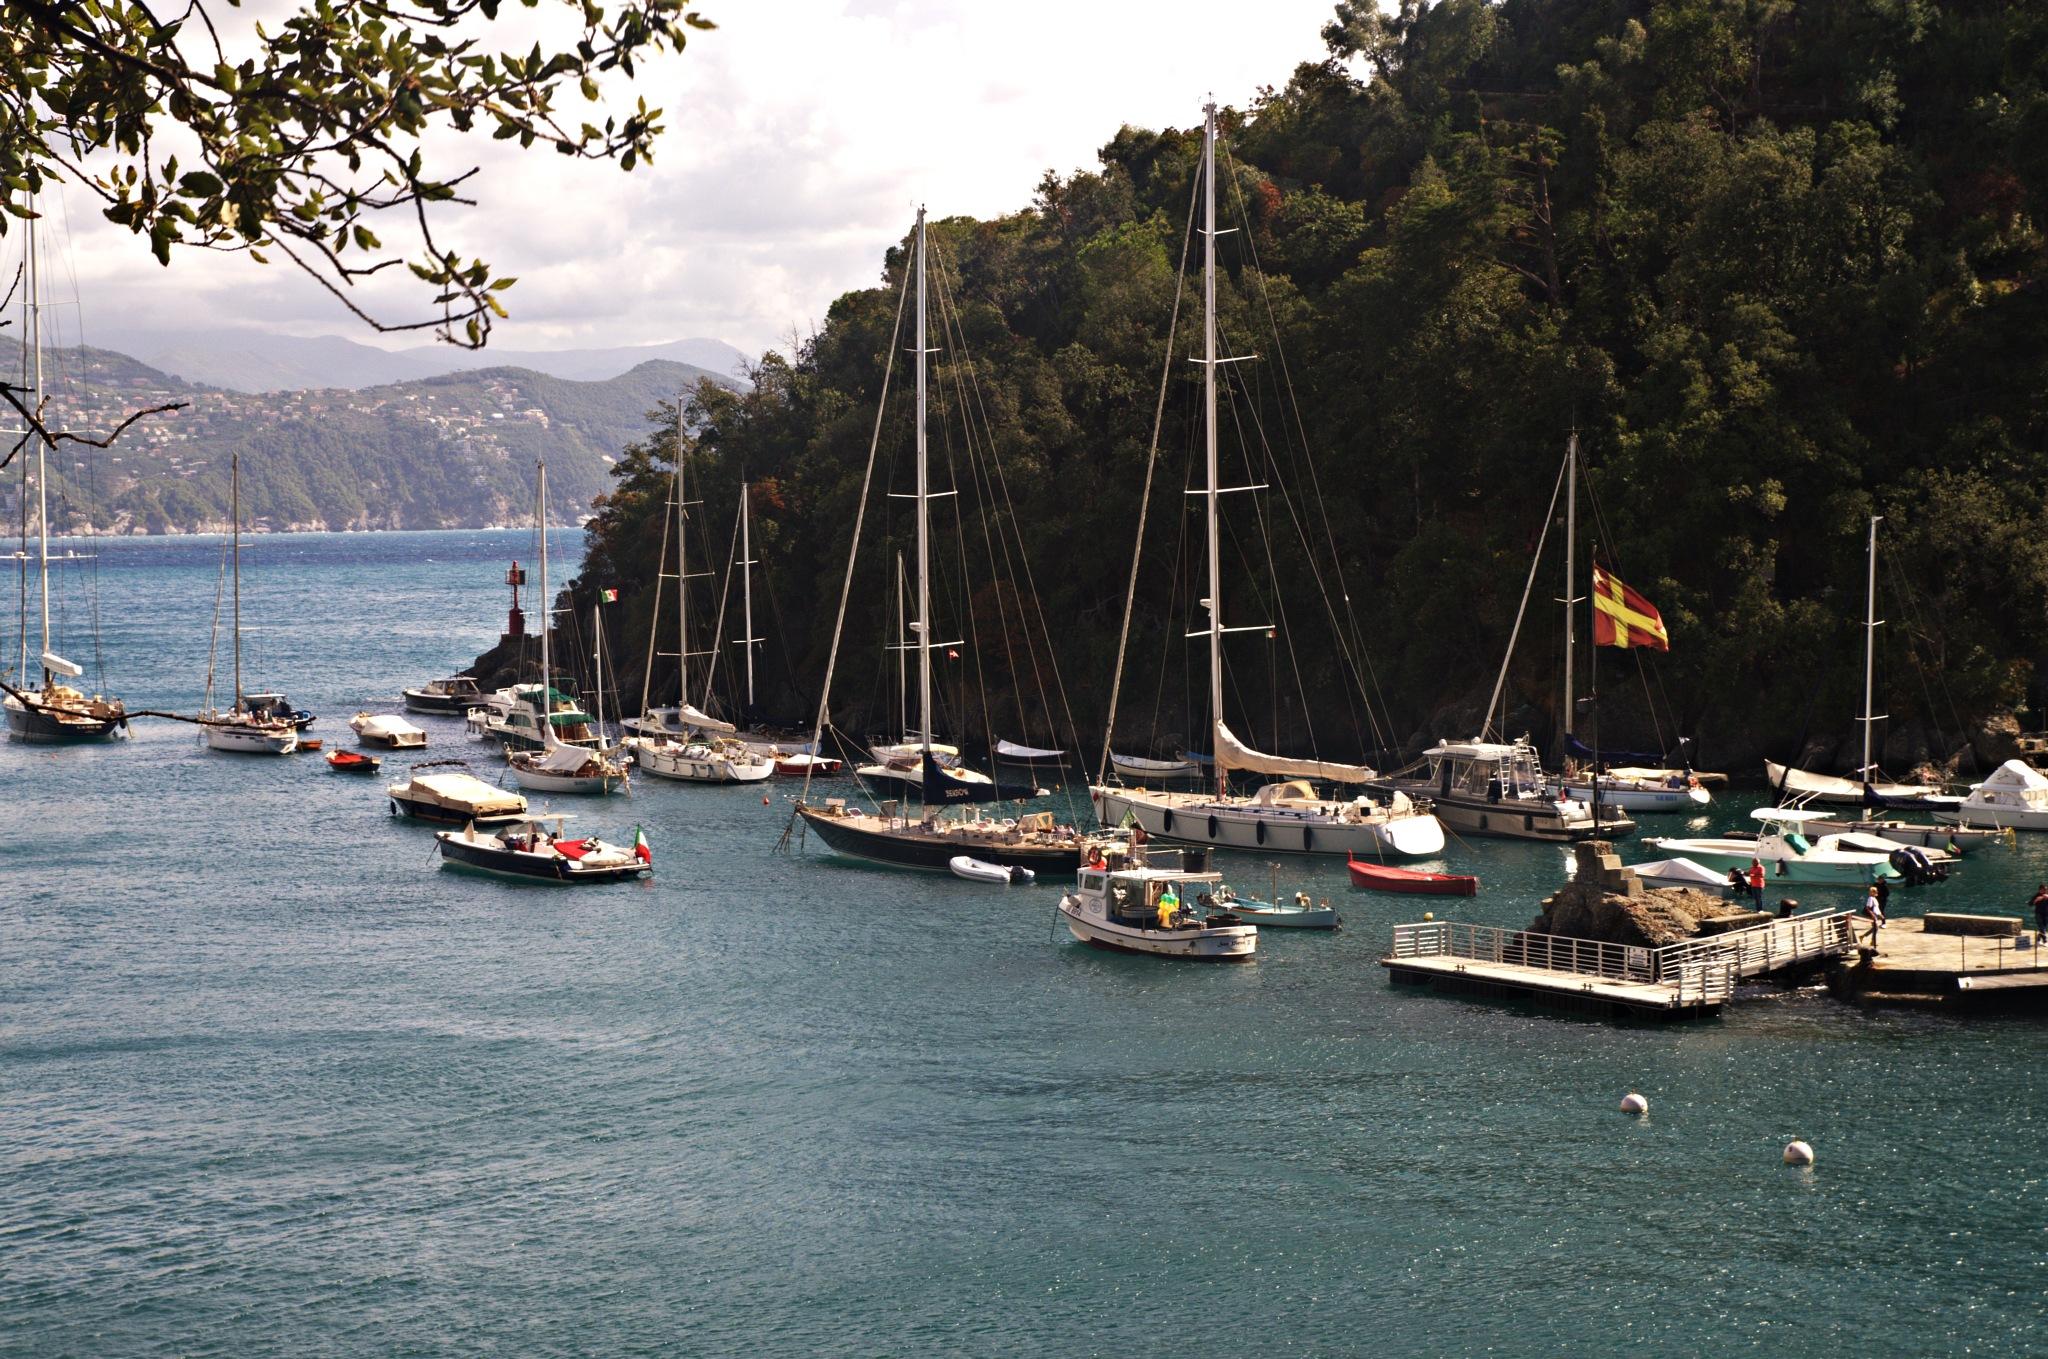 Portofino-Italy by EdwardStern